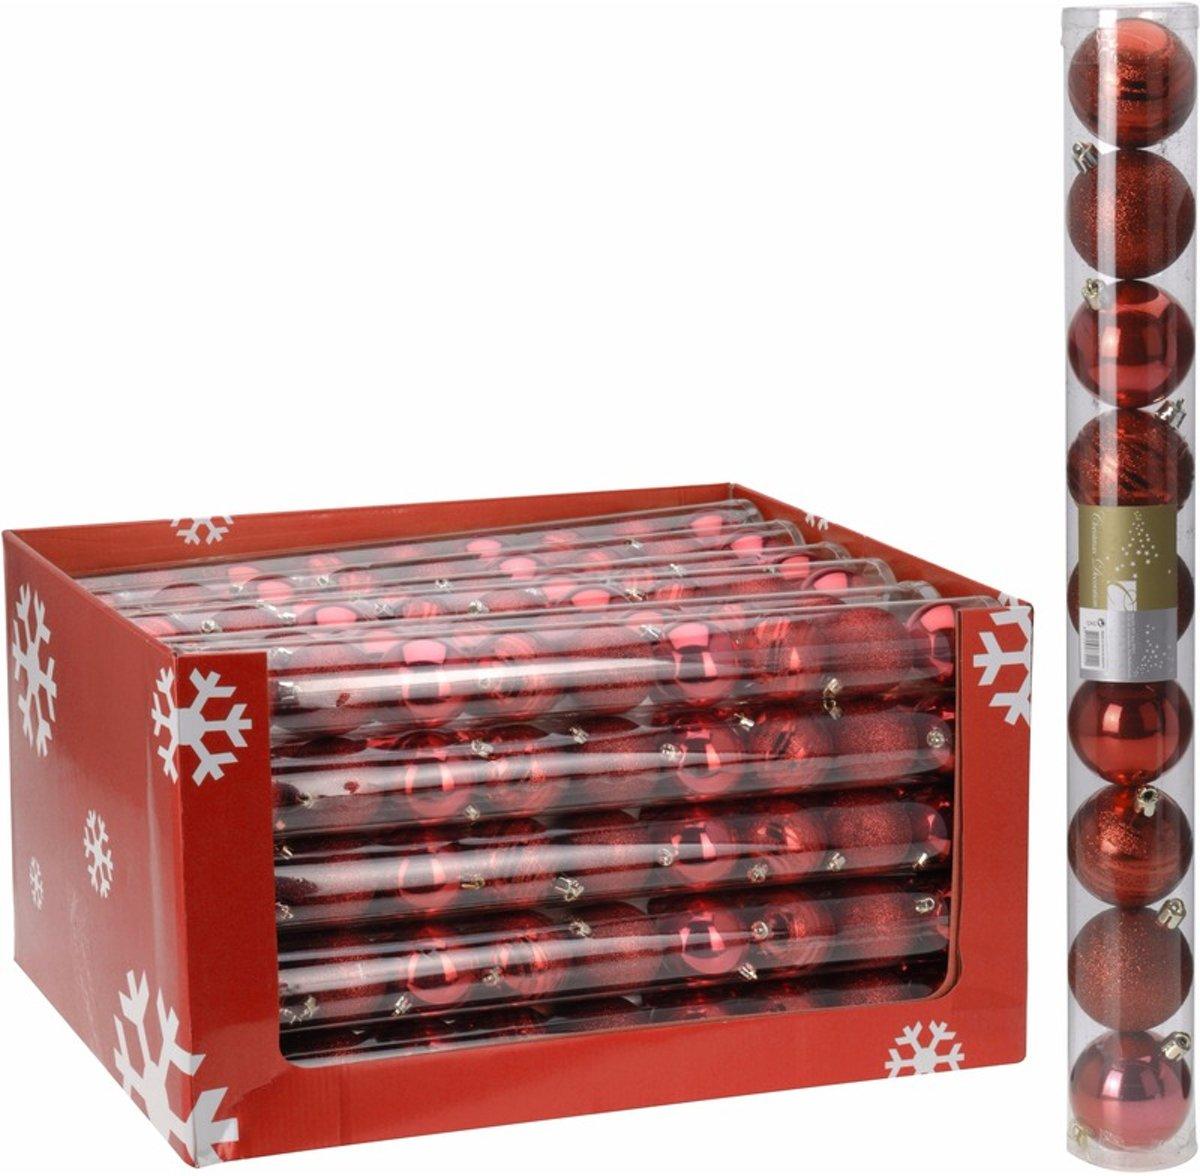 Kerstboom decoratie kerstballen mix rood 9 stuks kopen